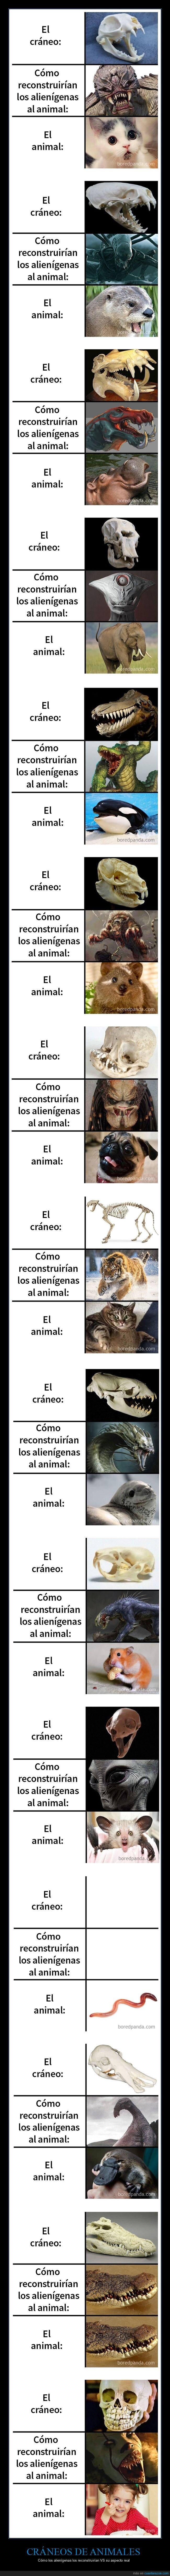 animales,cráneos,reconstruir